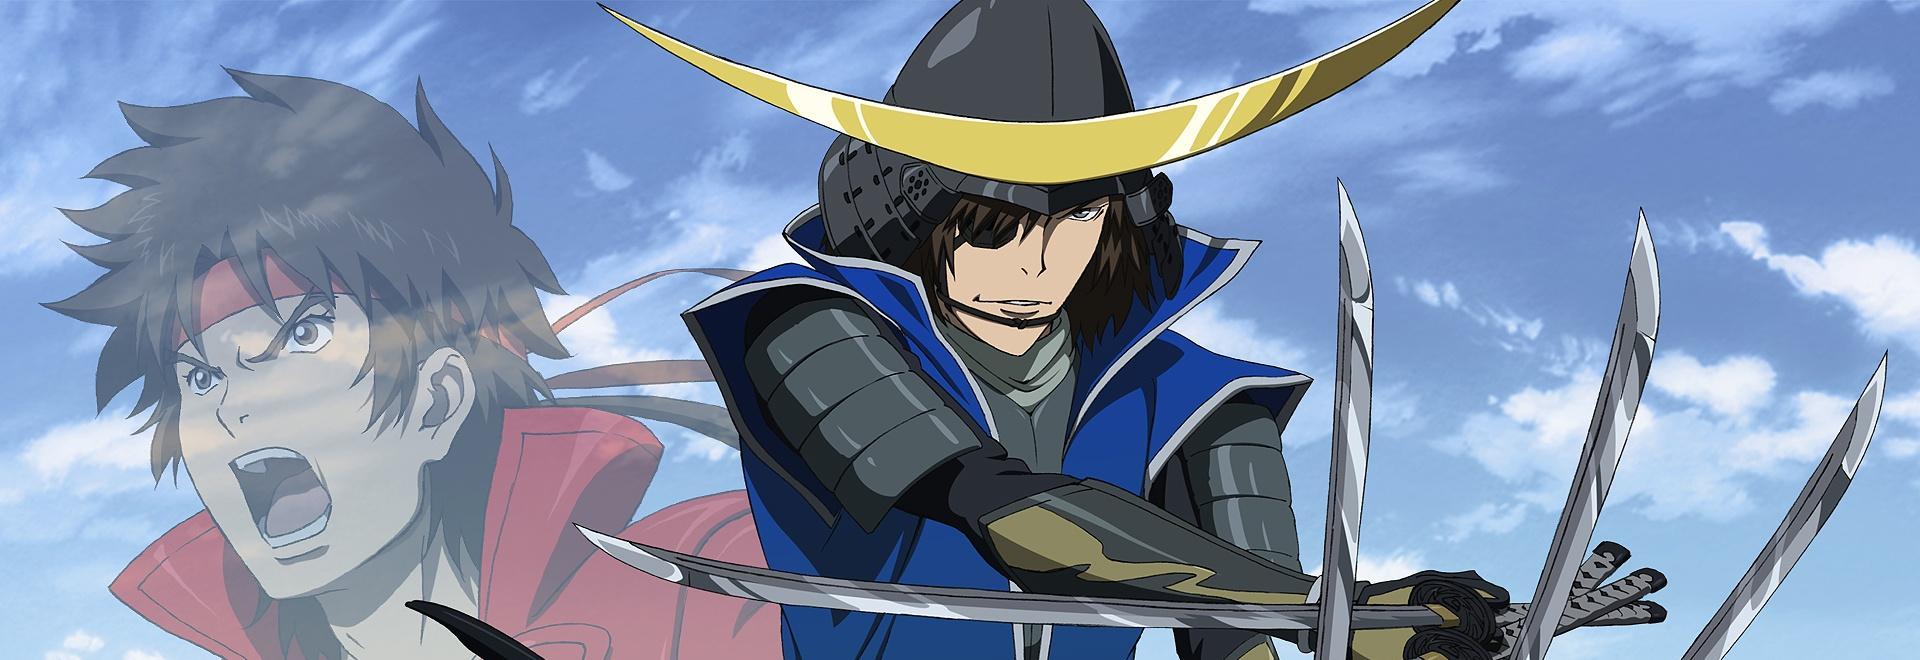 Yukimura incapace di risollevare il proprio spirito!? Il doloroso scioglimento dell'armata di Date